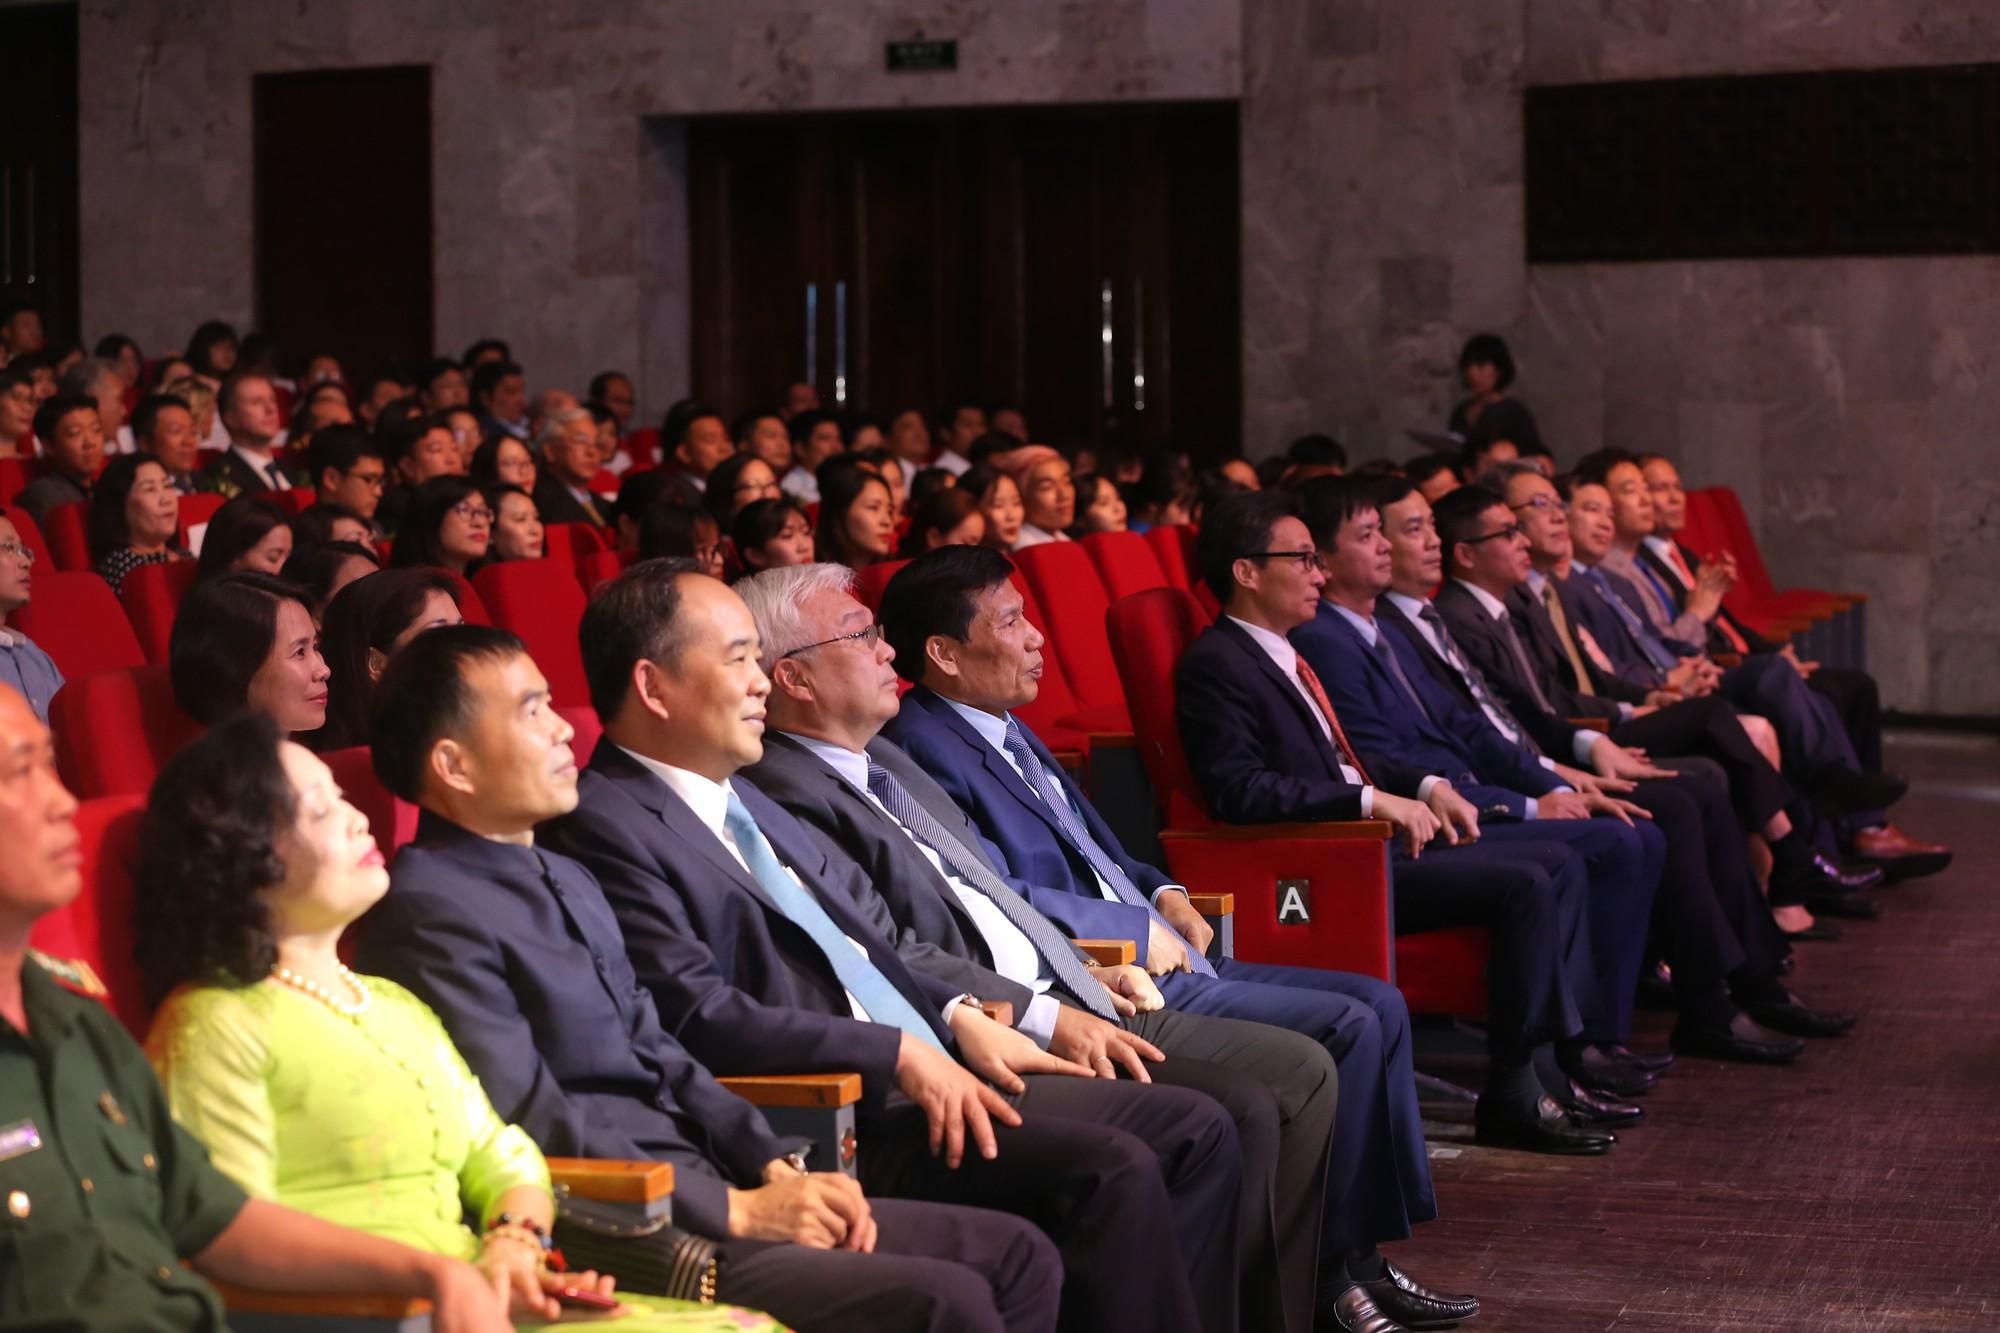 Tới dự buổi lễ có Phó Thủ tướng Vũ Đức Đam; Chủ nhiệm Ủy ban Văn hóa, Giáo dục, Thanh niên, Thiếu niên và Nhi đồng của Quốc hội Phan Thanh Bình. Về phía Bộ VHTTDL có Bộ trưởng Nguyễn Ngọc Thiện; các T